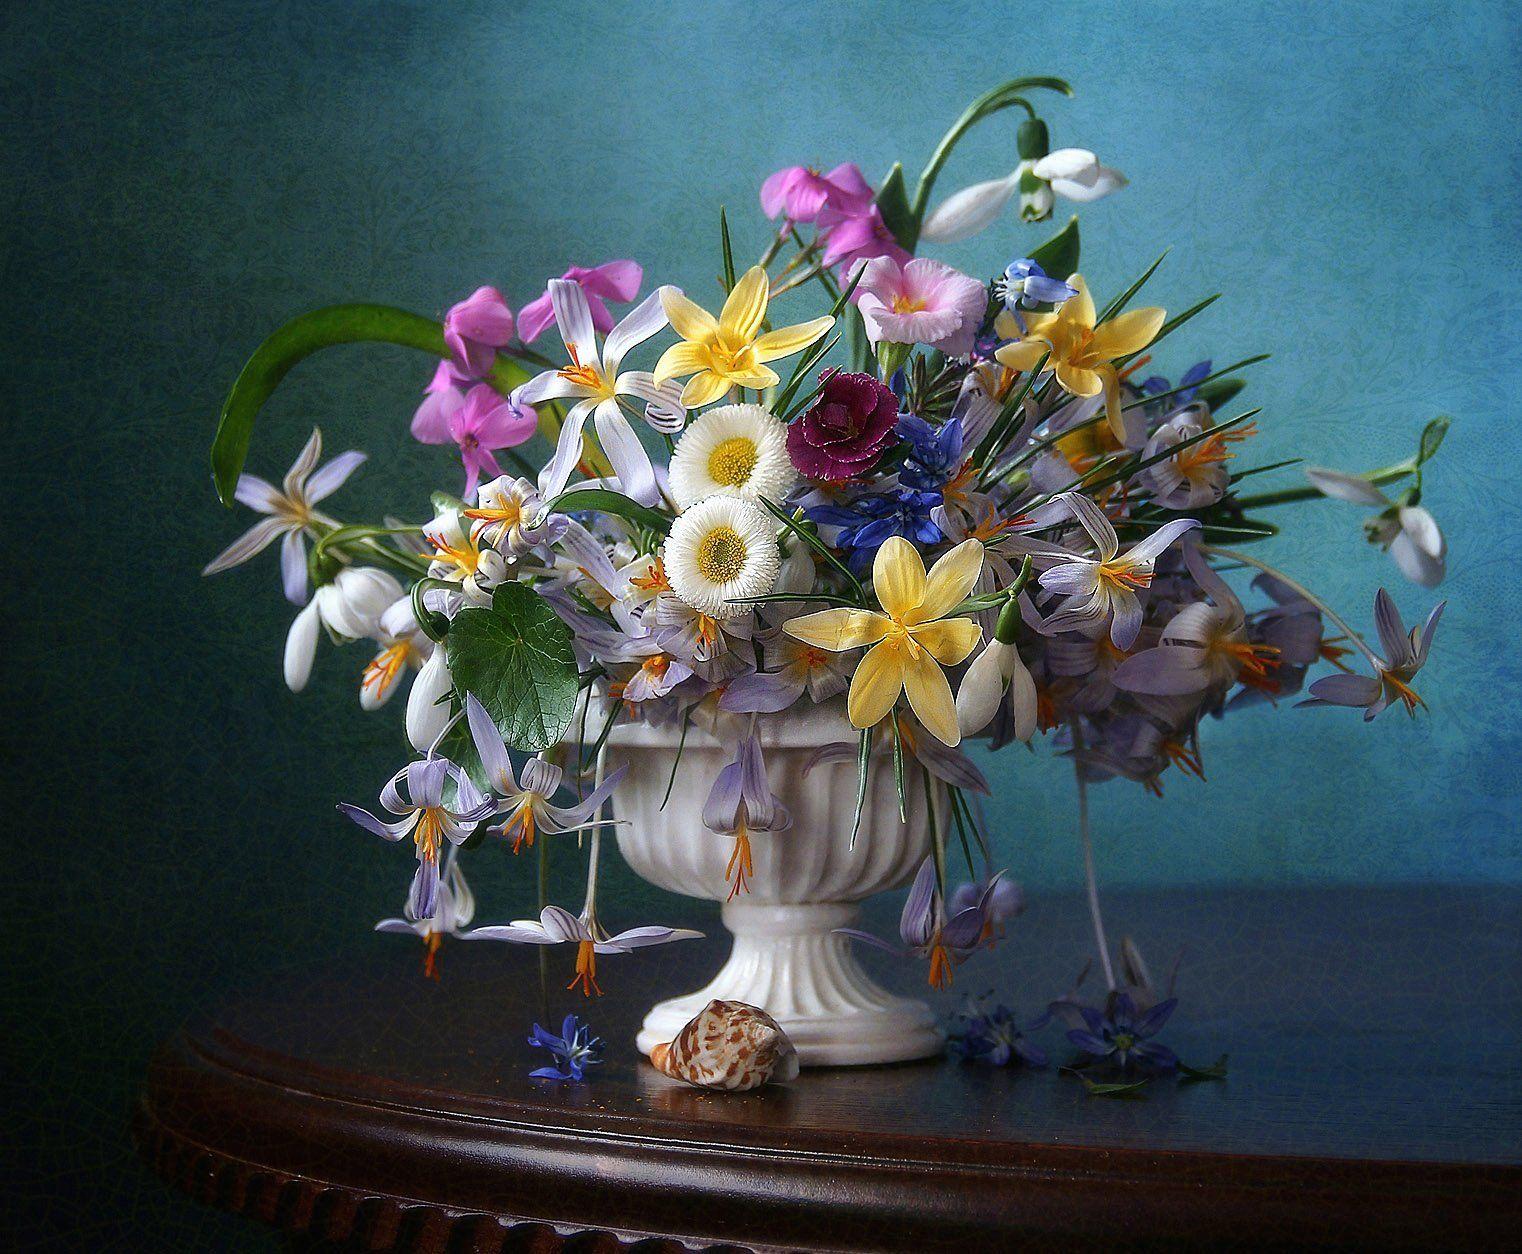 натюрморт, цветы, марина филатова, первоцветы, Марина Филатова